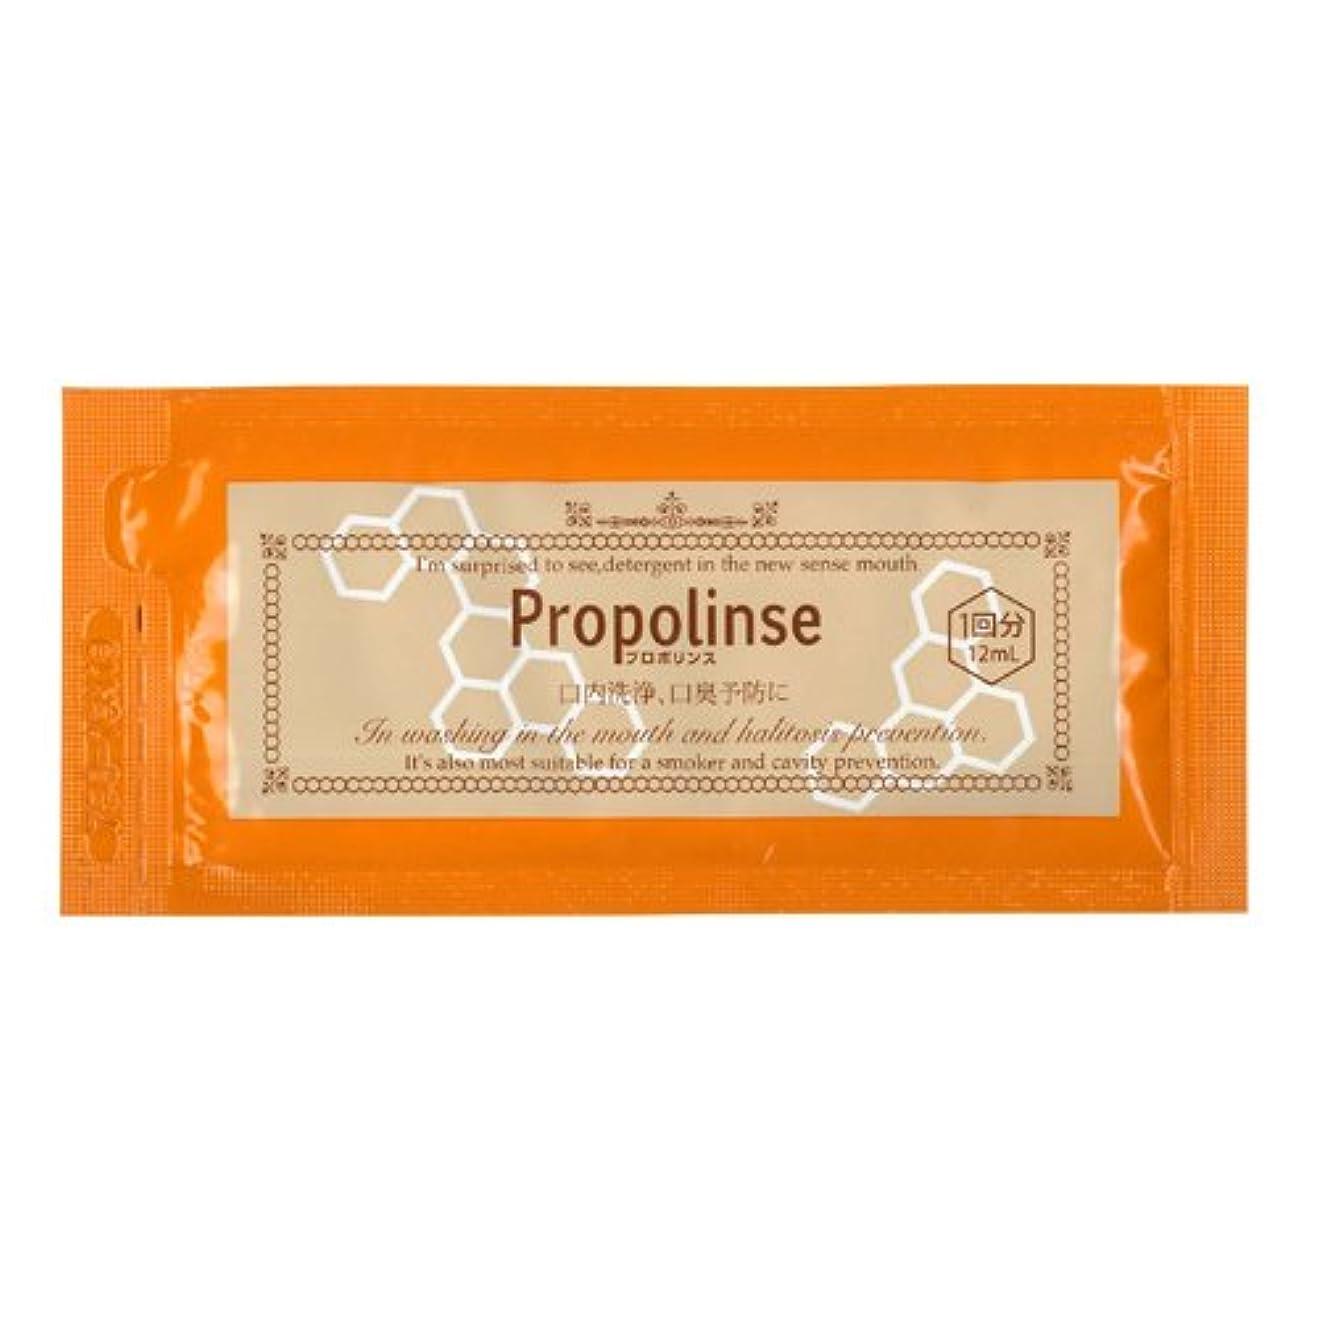 フィクション故障中マザーランドプロポリンス ハンディパウチ 12ml(1袋)×100袋